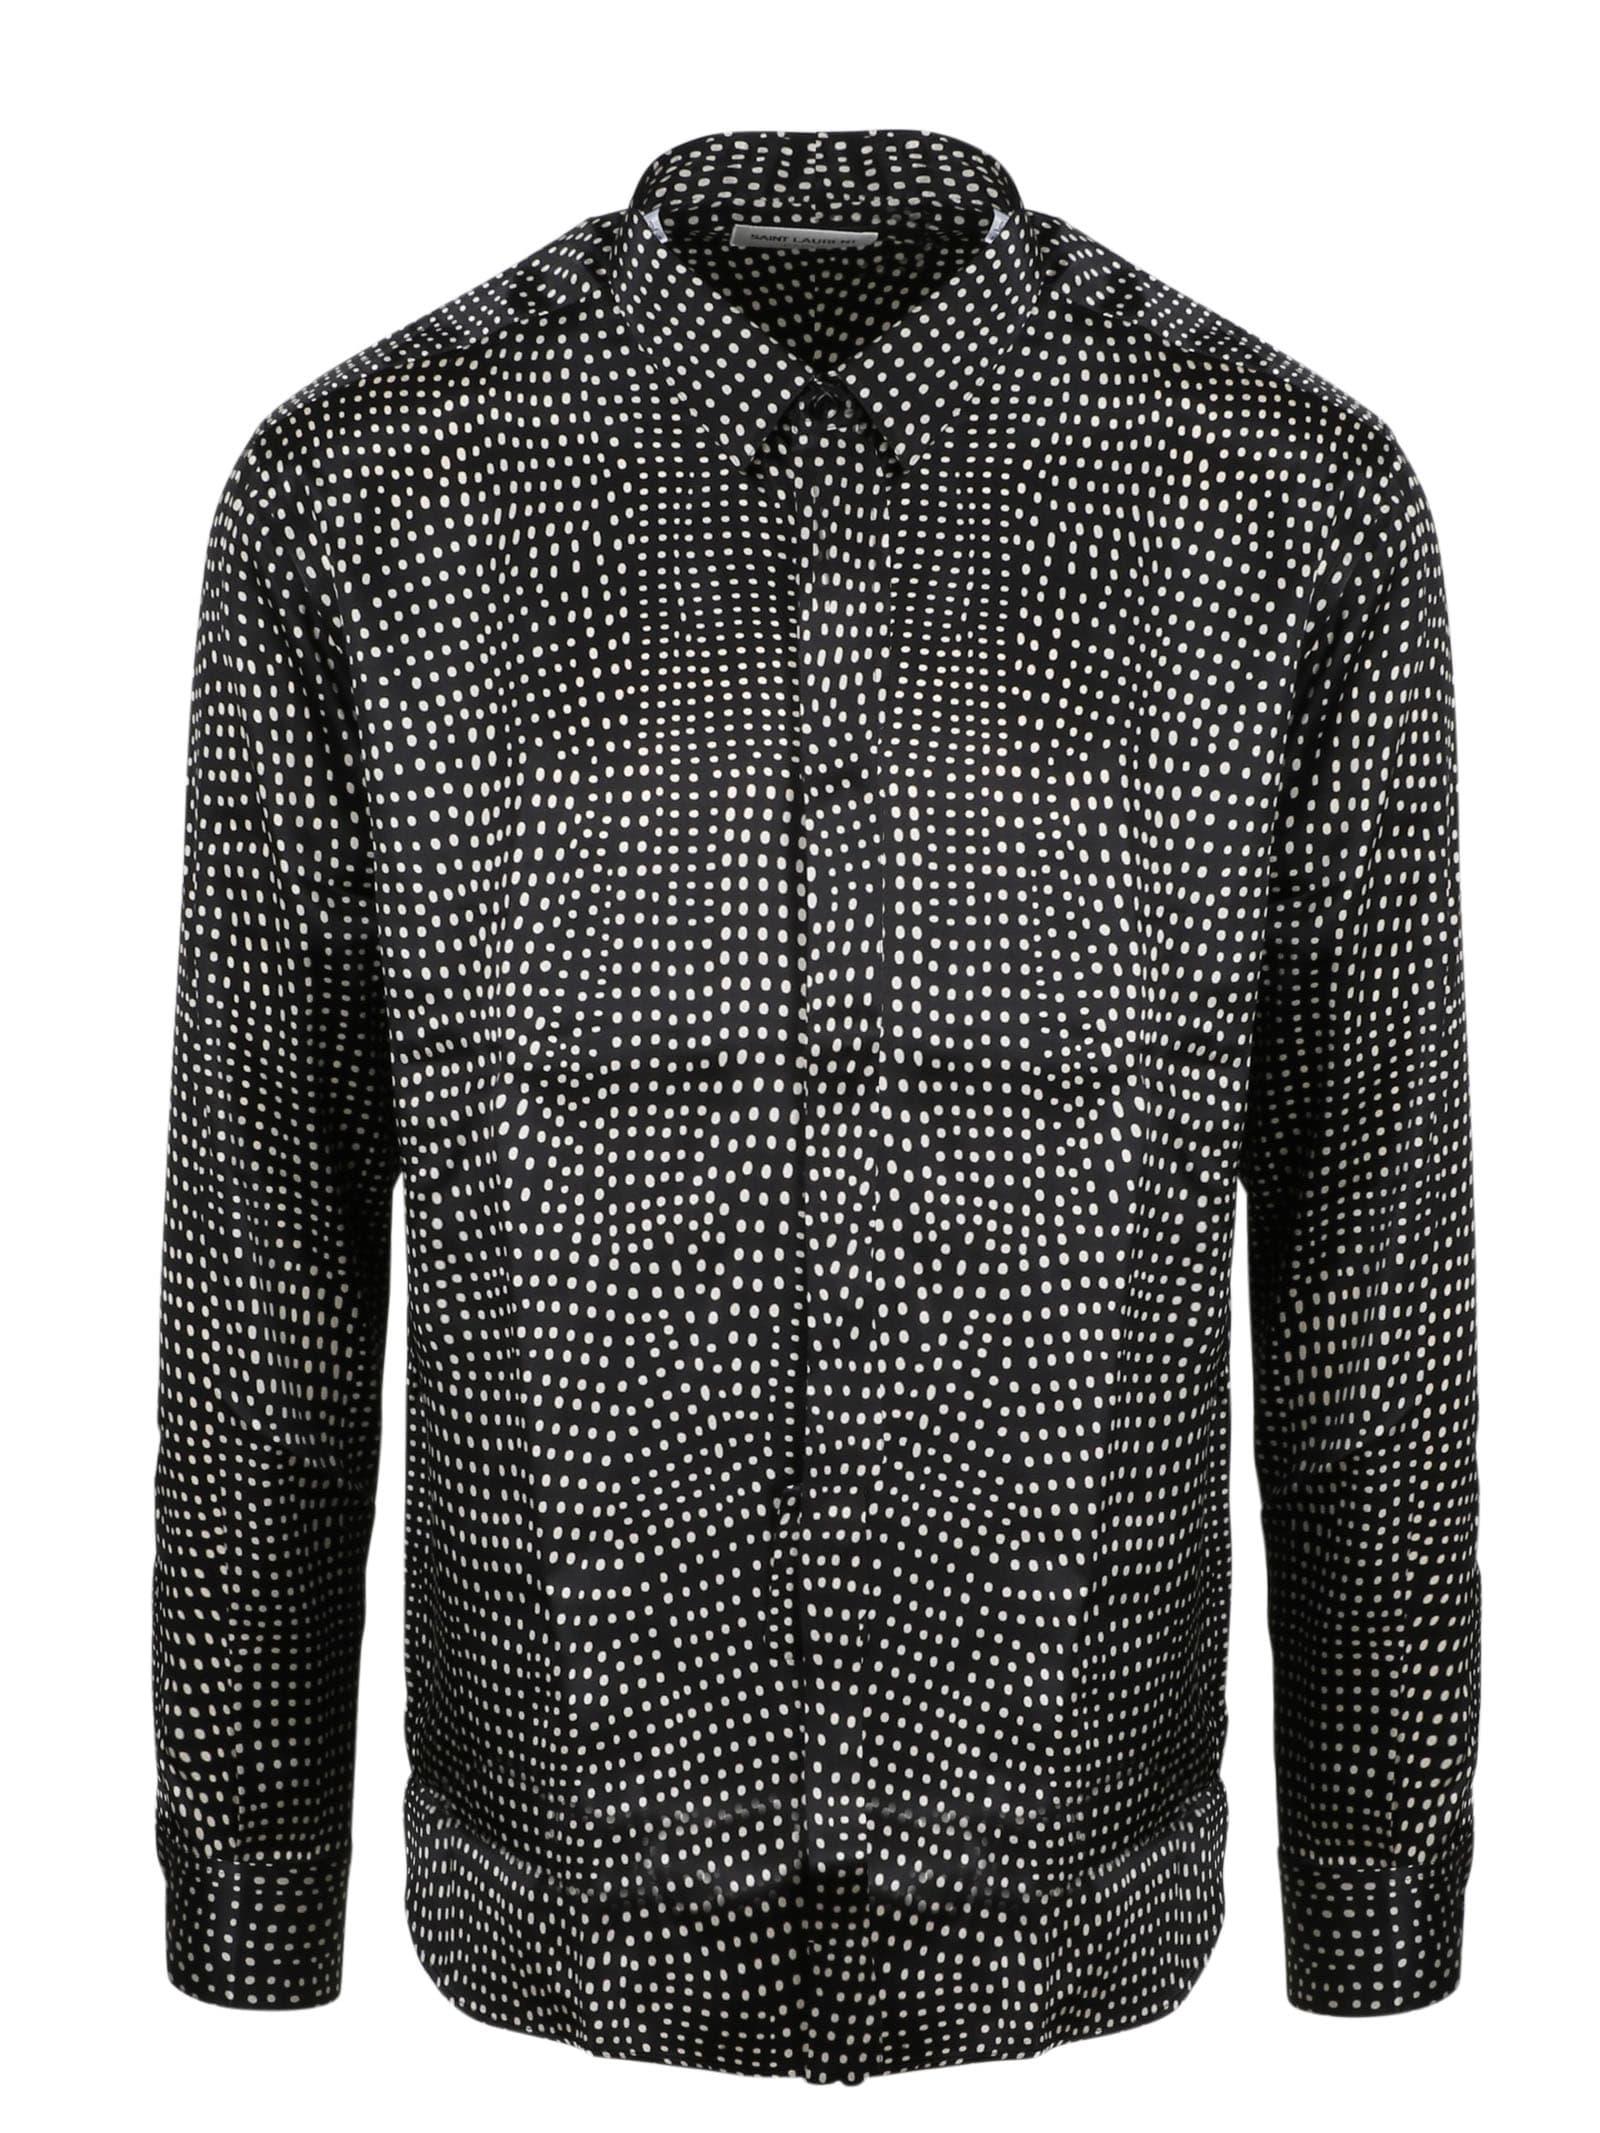 Saint Laurent Polka Dot Satin Shirt